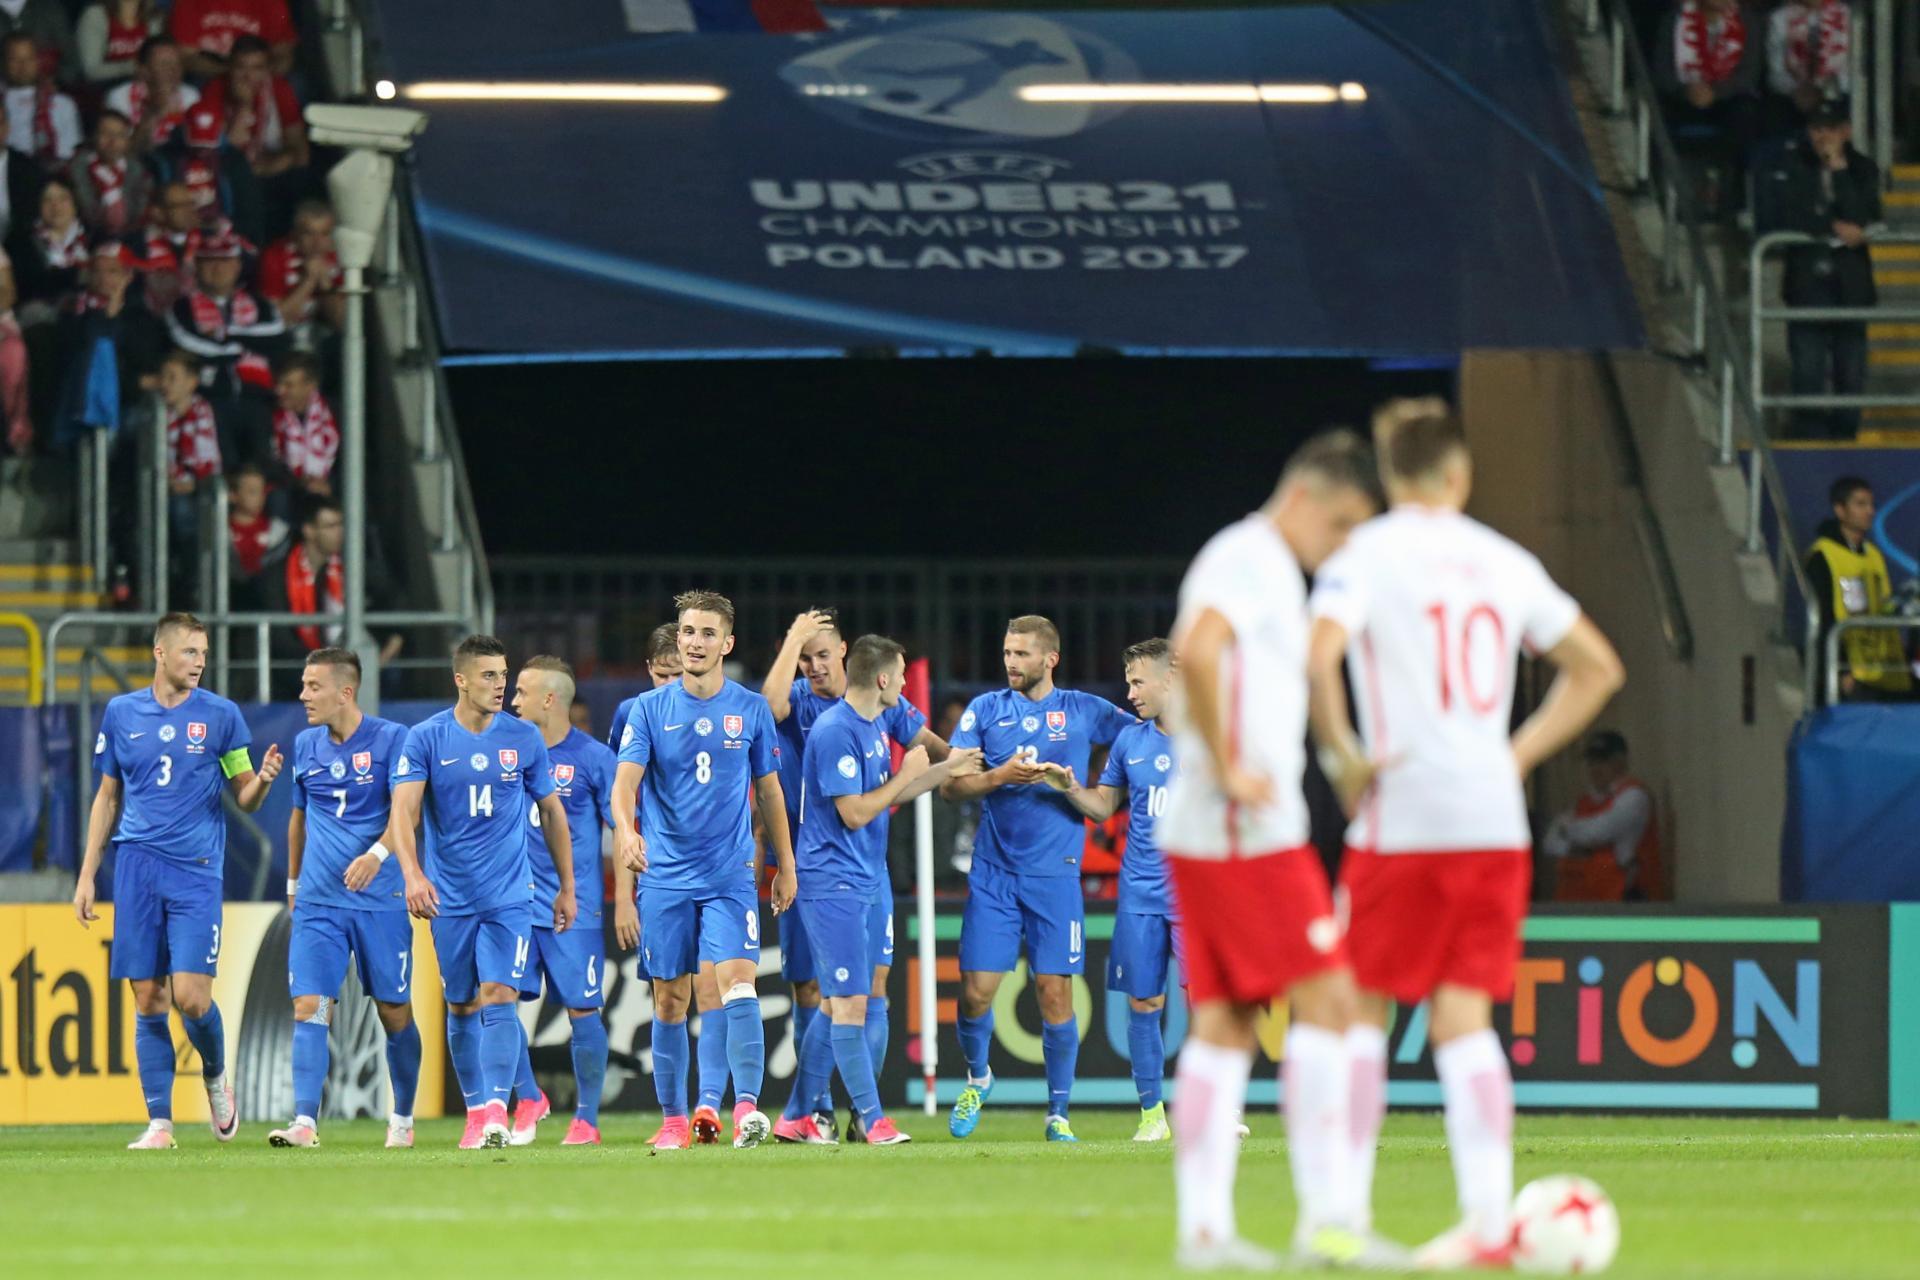 Reprezentanci Słowacji do lat 21 cieszą się po zdobytej bramce w meczu z Polską. Spotkanie Euro 2017.